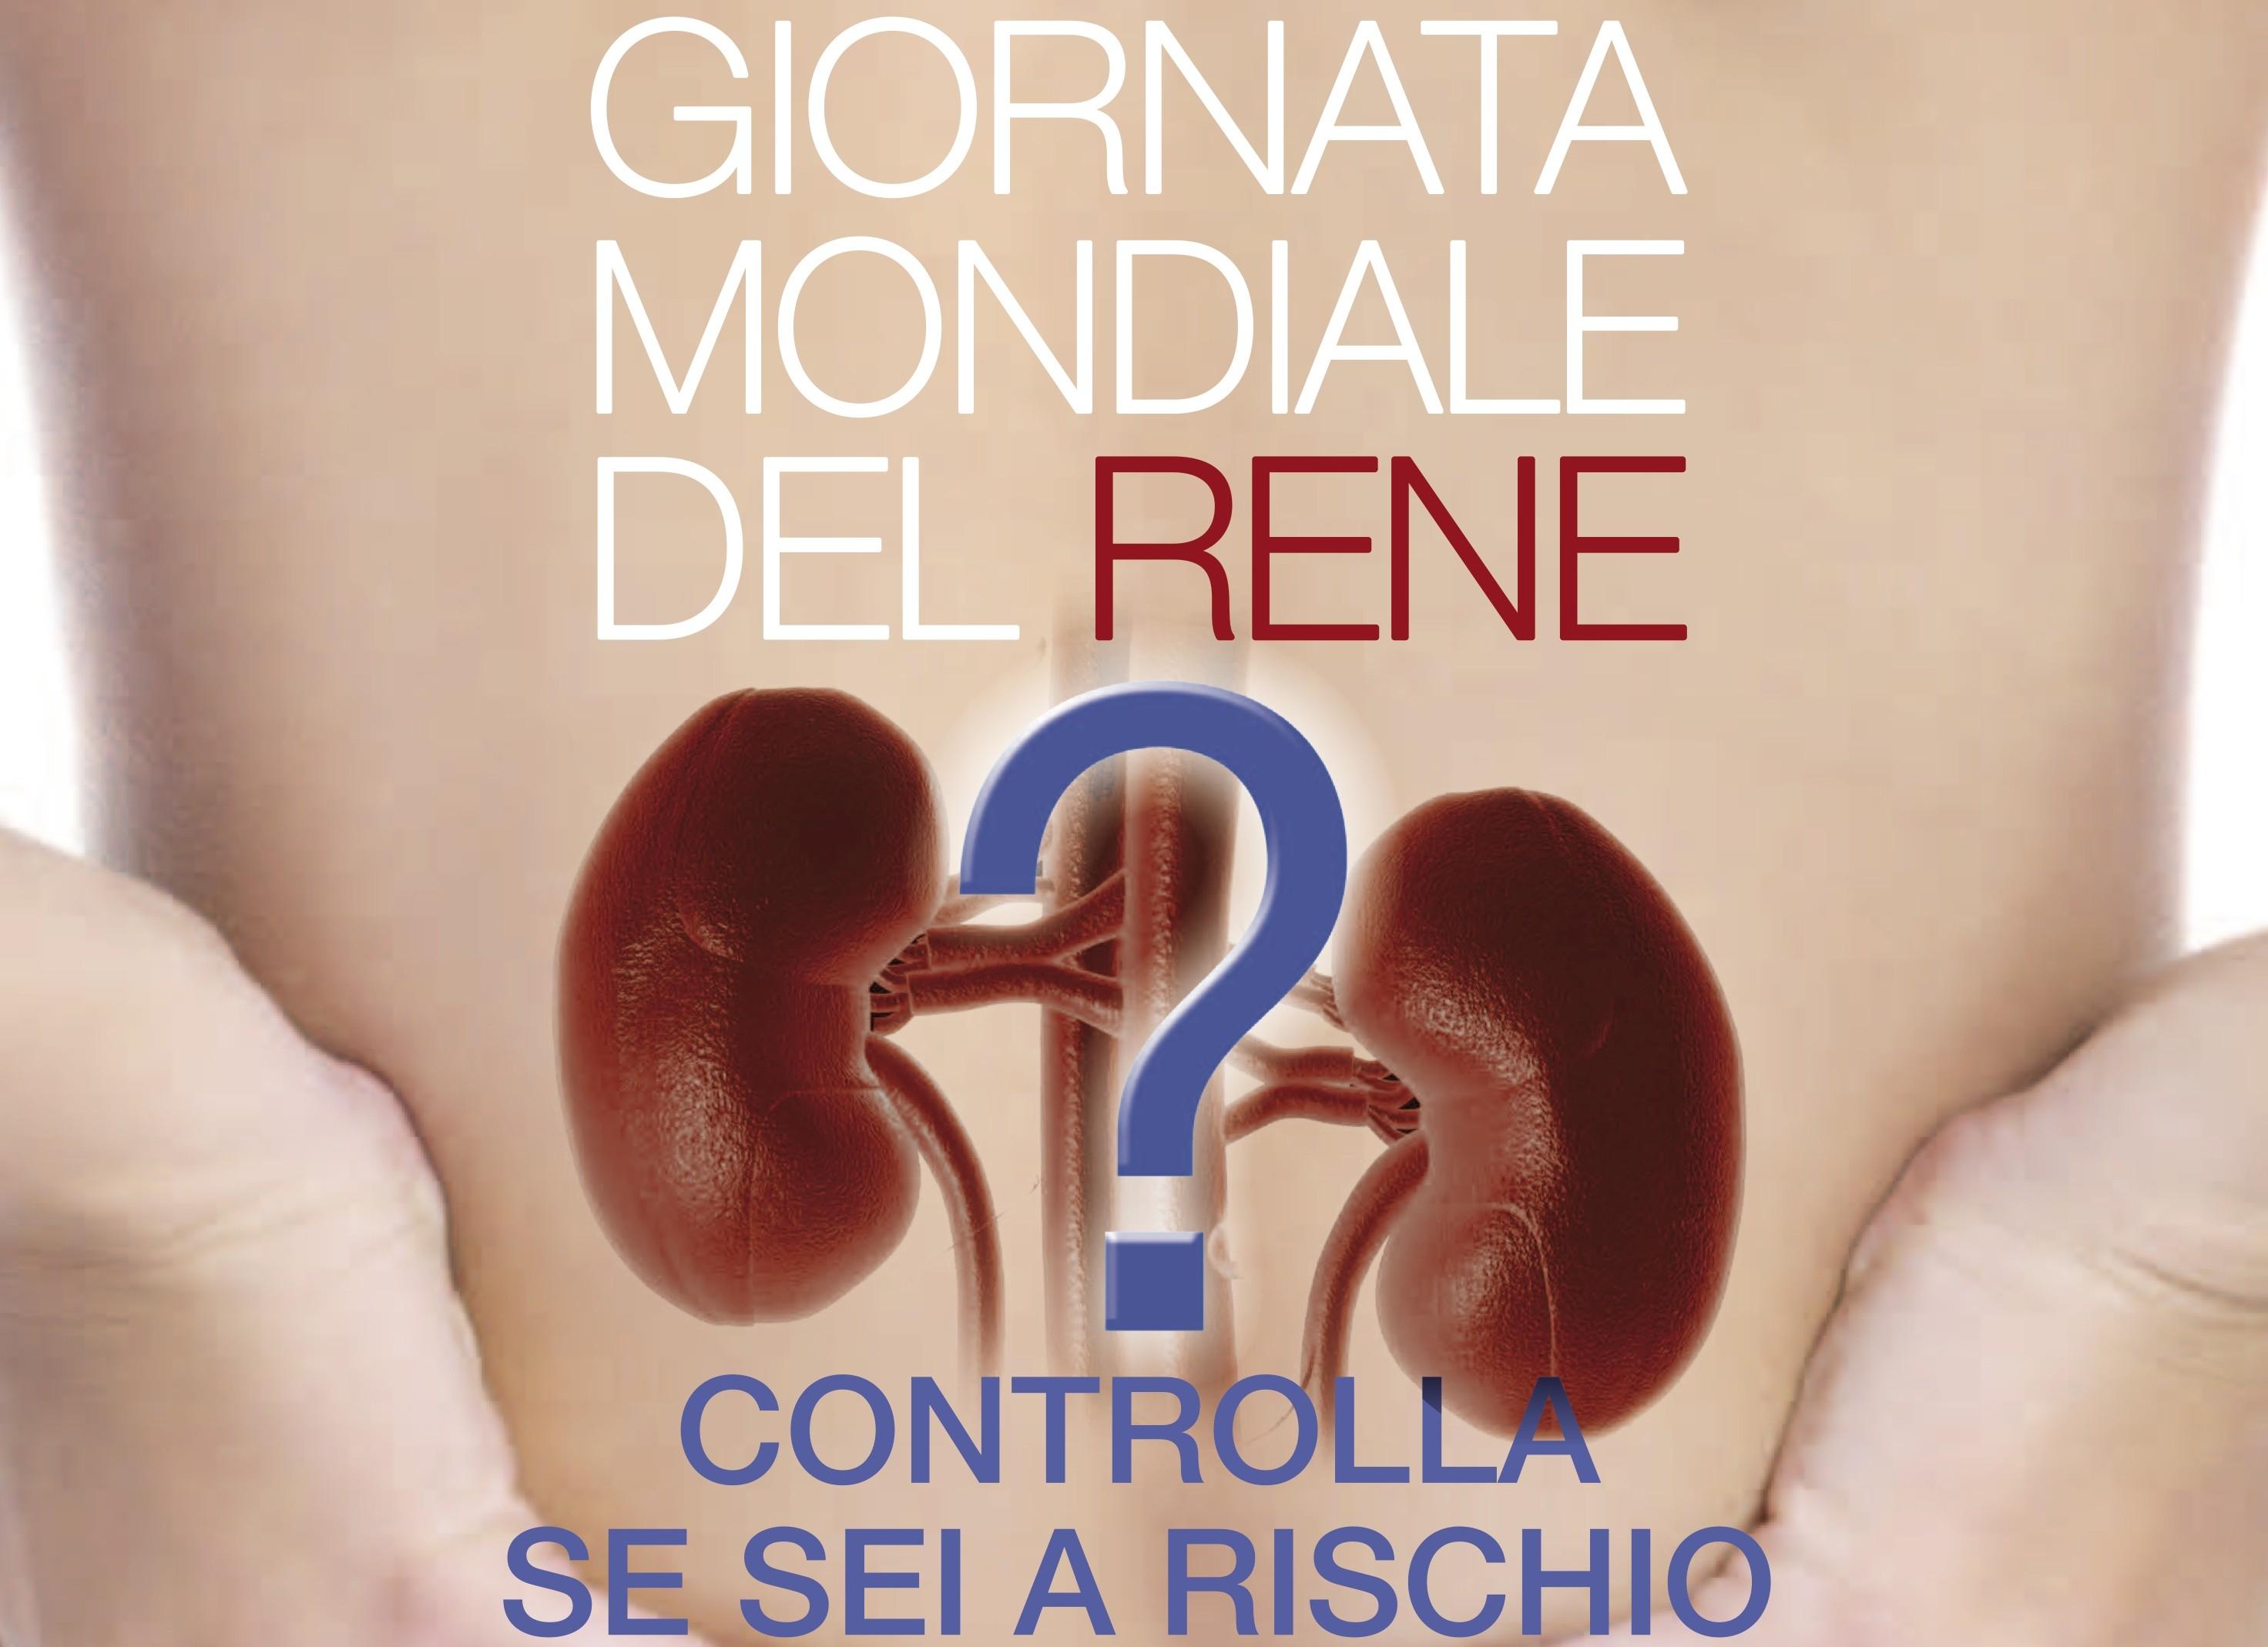 Il 13 marzo si celebra la Giornata Mondiale del Rene. A Pinerolo esami e informazioni nell'atrio dell'ospedale